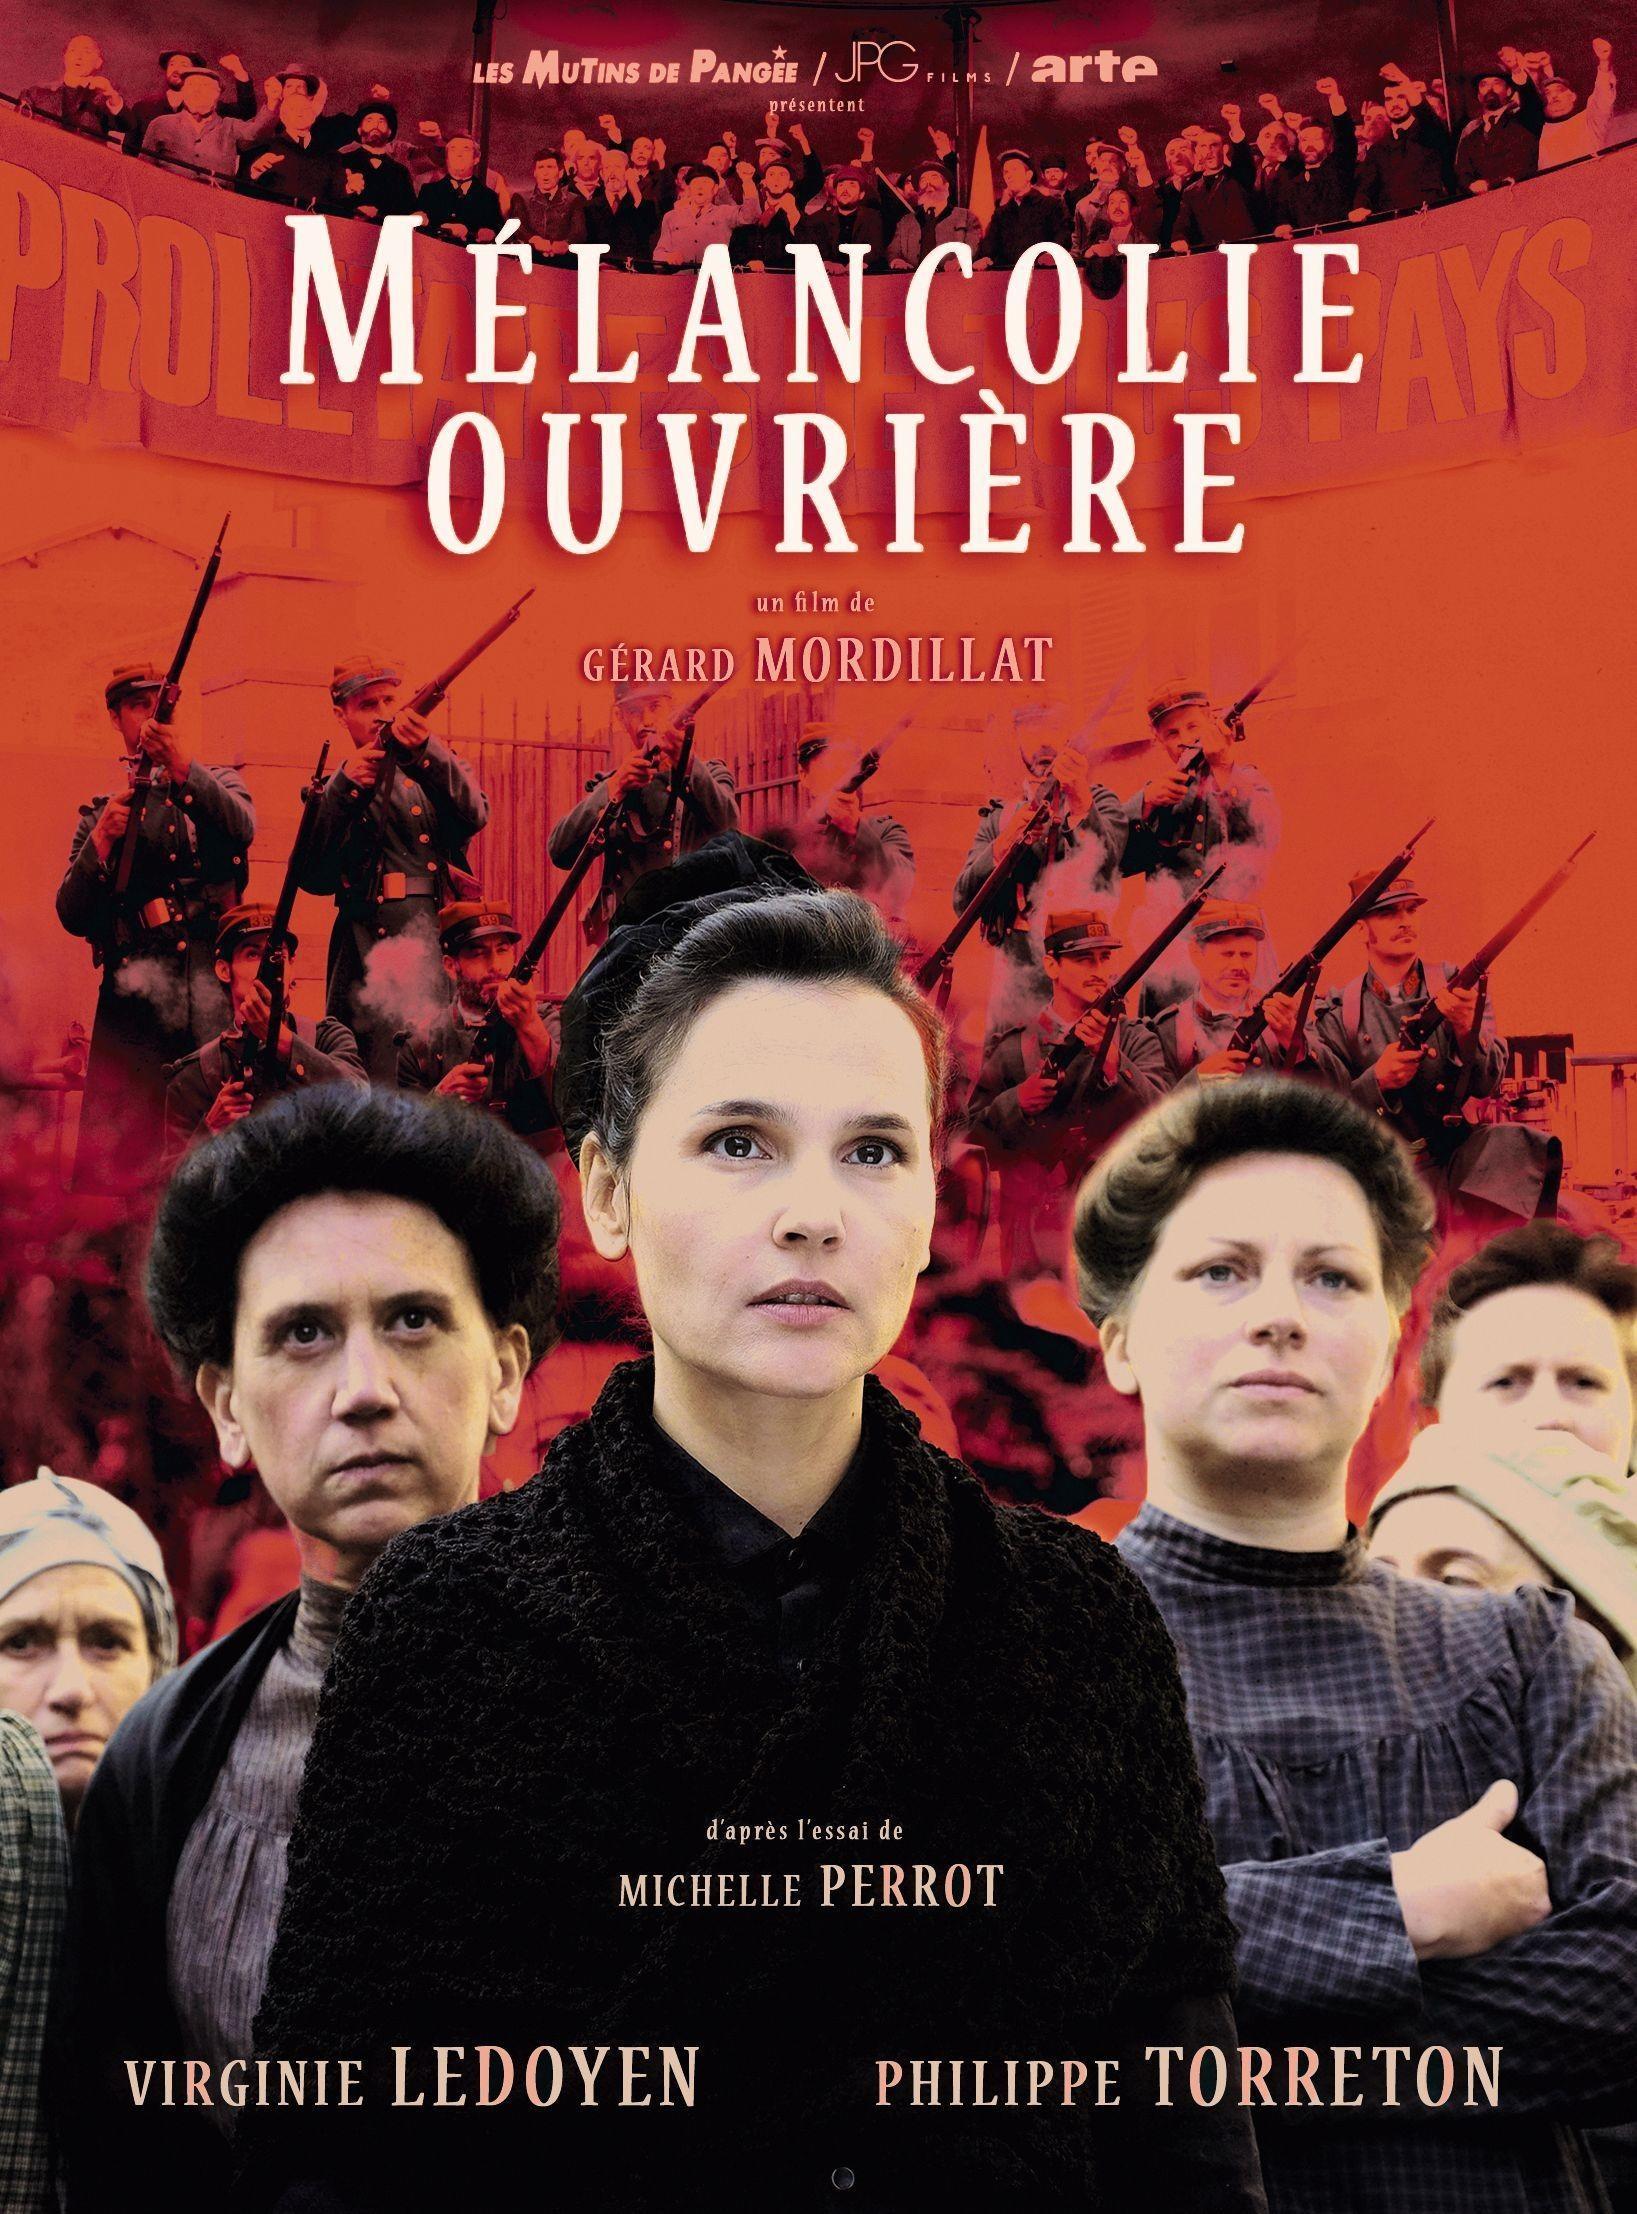 Gérard Mordillat, Mélancolie ouvrière, 2017.